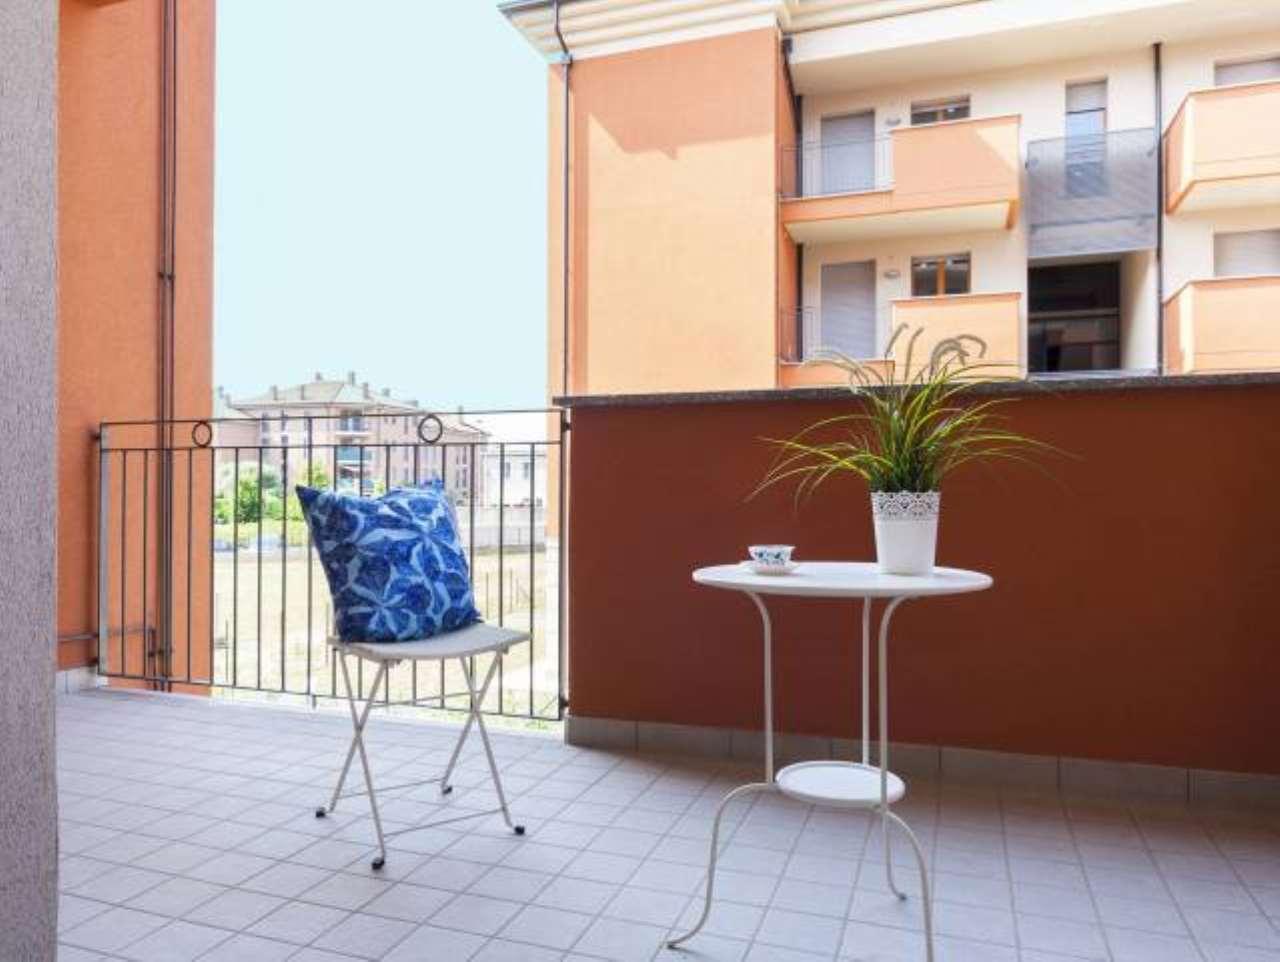 Appartamento in vendita a Sulbiate, 3 locali, prezzo € 155.800 | CambioCasa.it